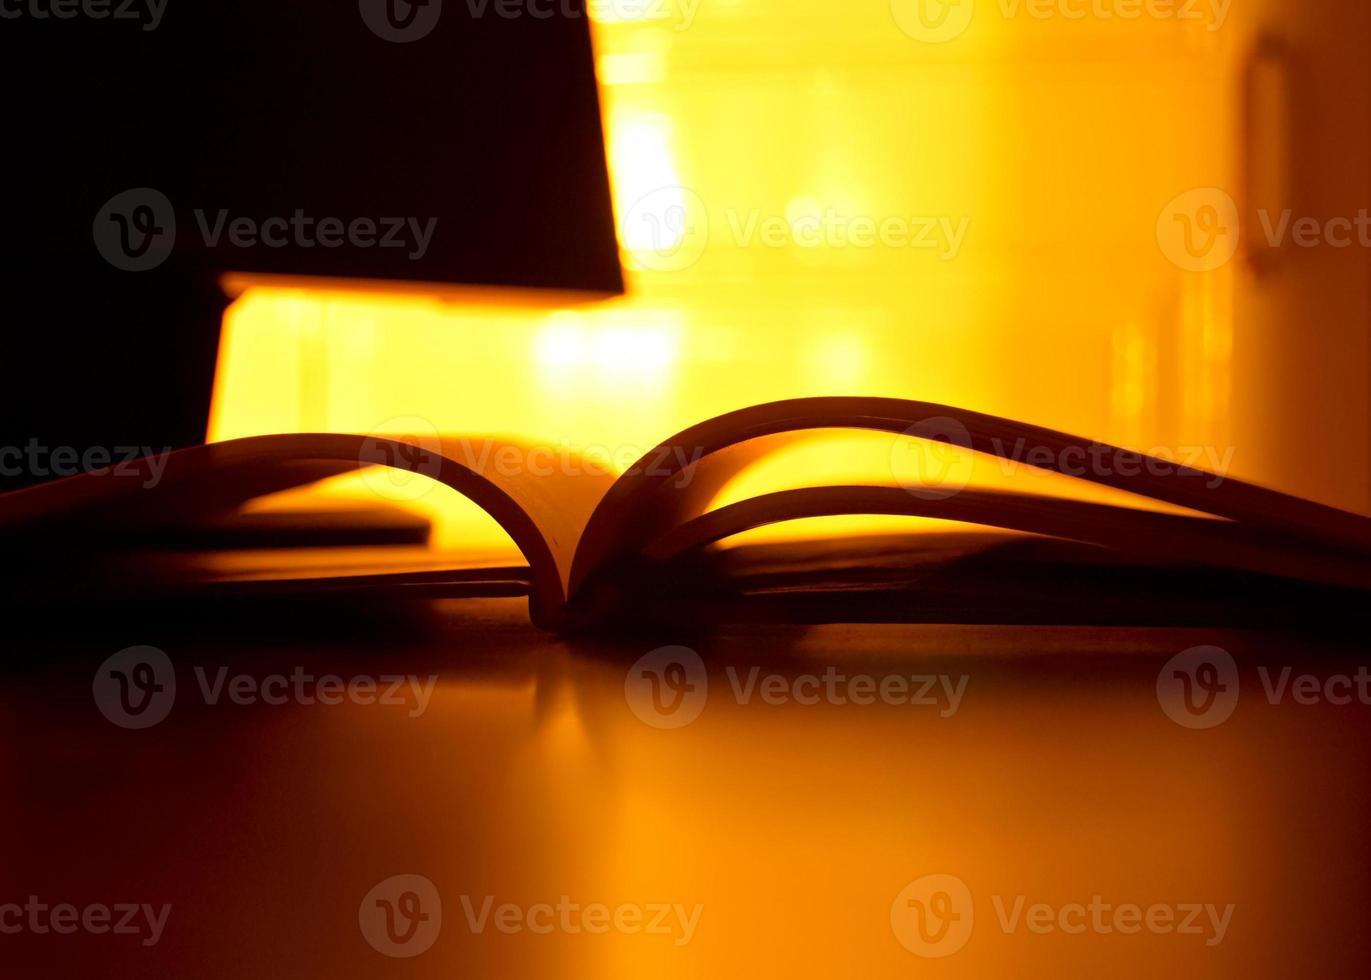 foto de longa exposição do livro aberto na luz refletida da vela